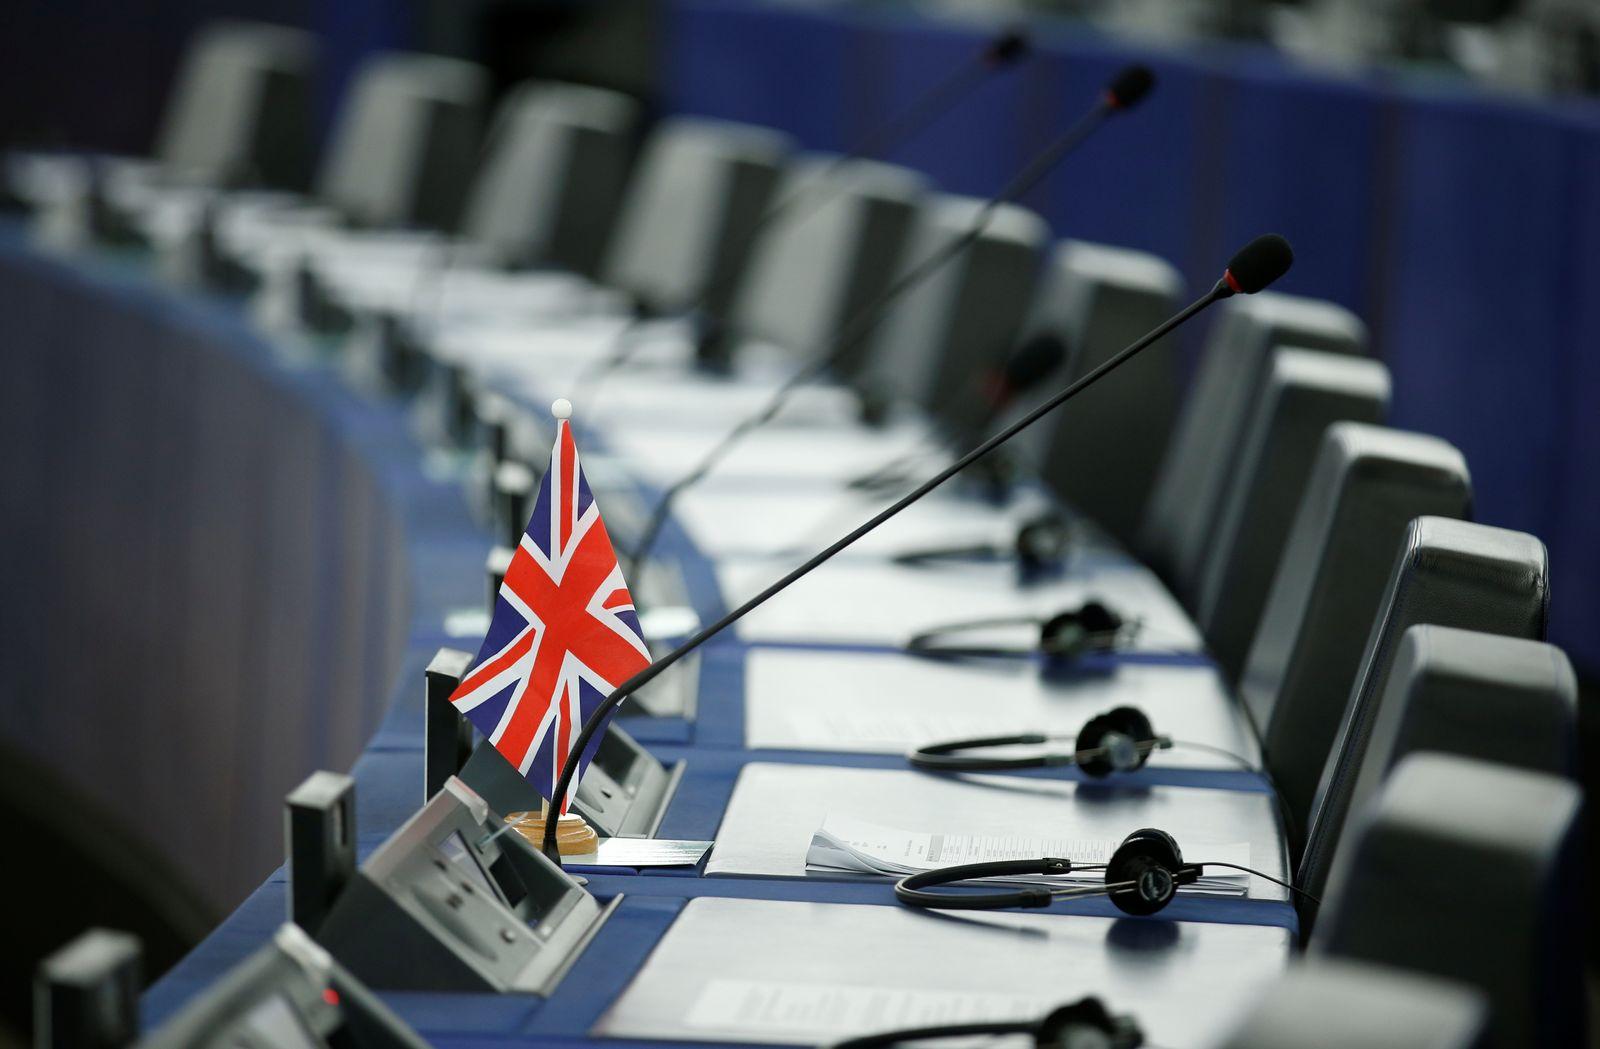 BRITAIN-EU/EU-PARLIAMENT